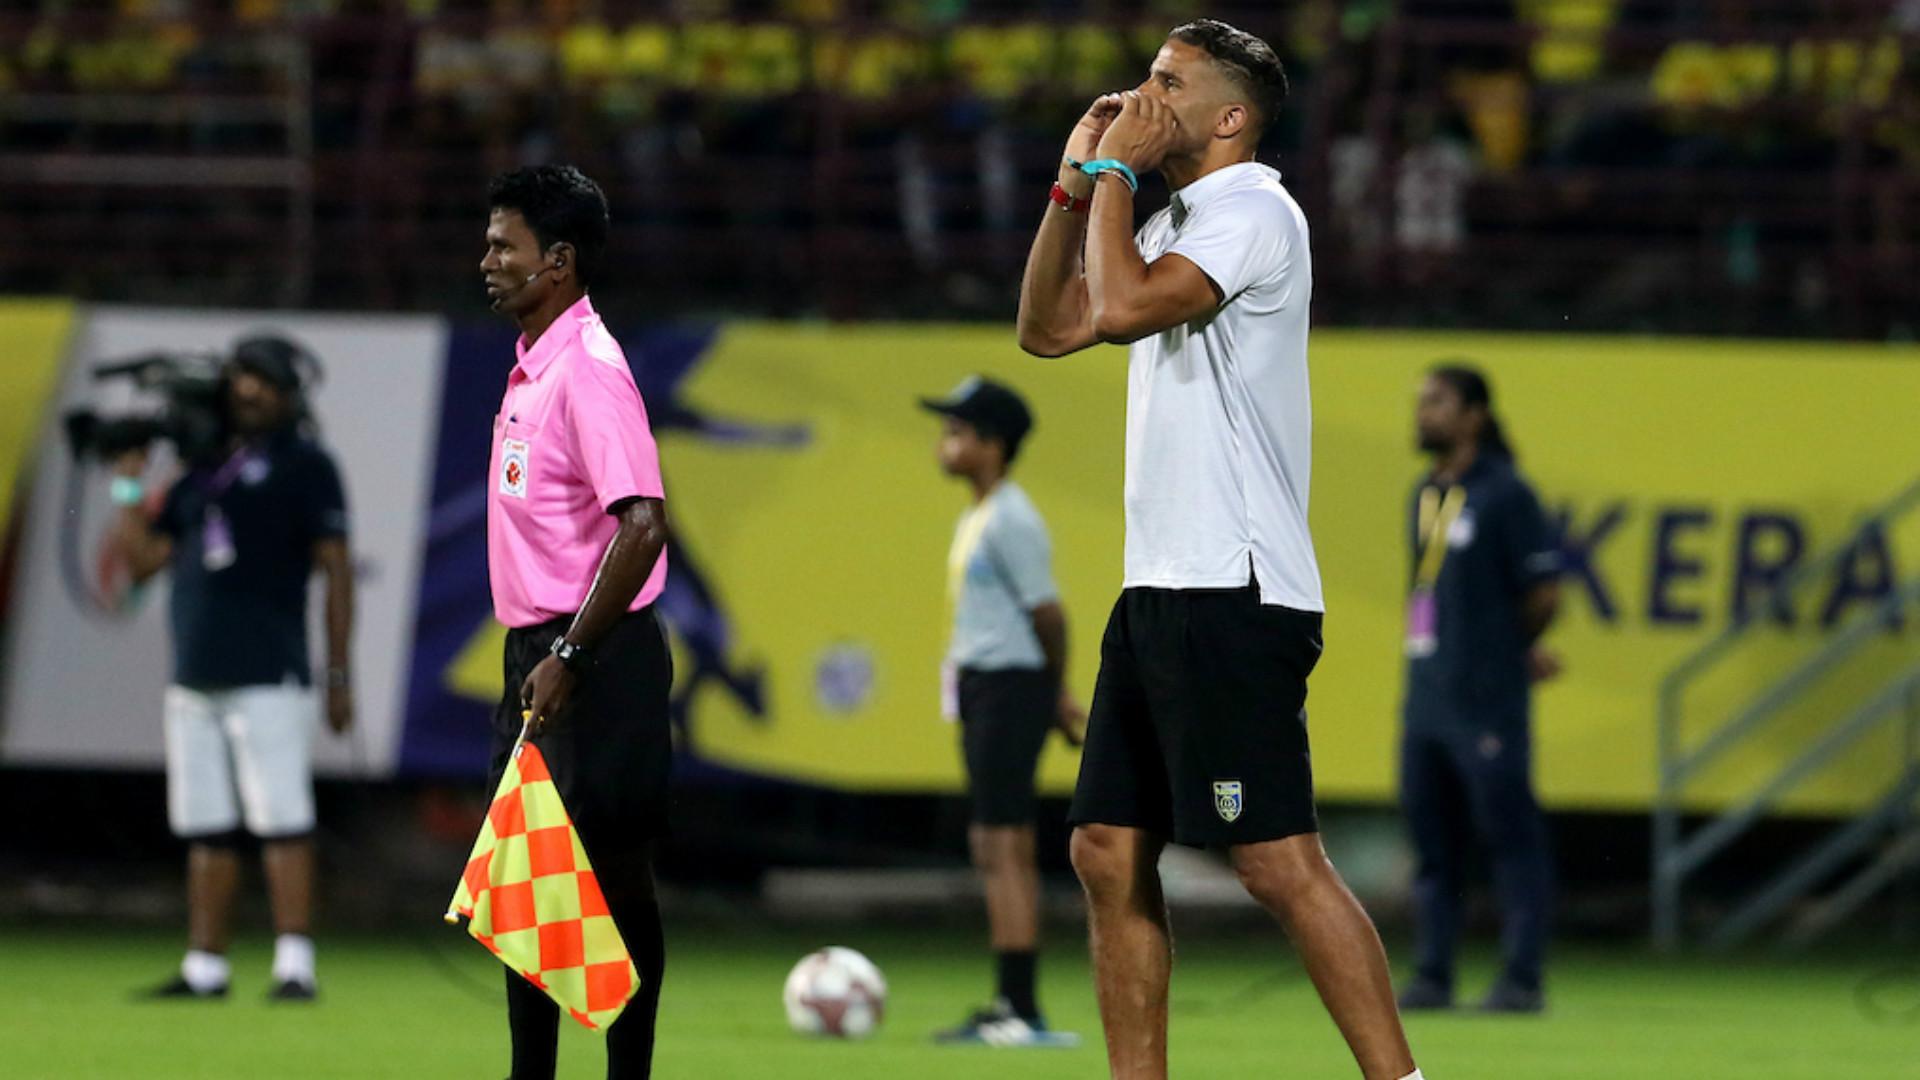 Kerala Blasters vs Mumbai City ISL 2018/19